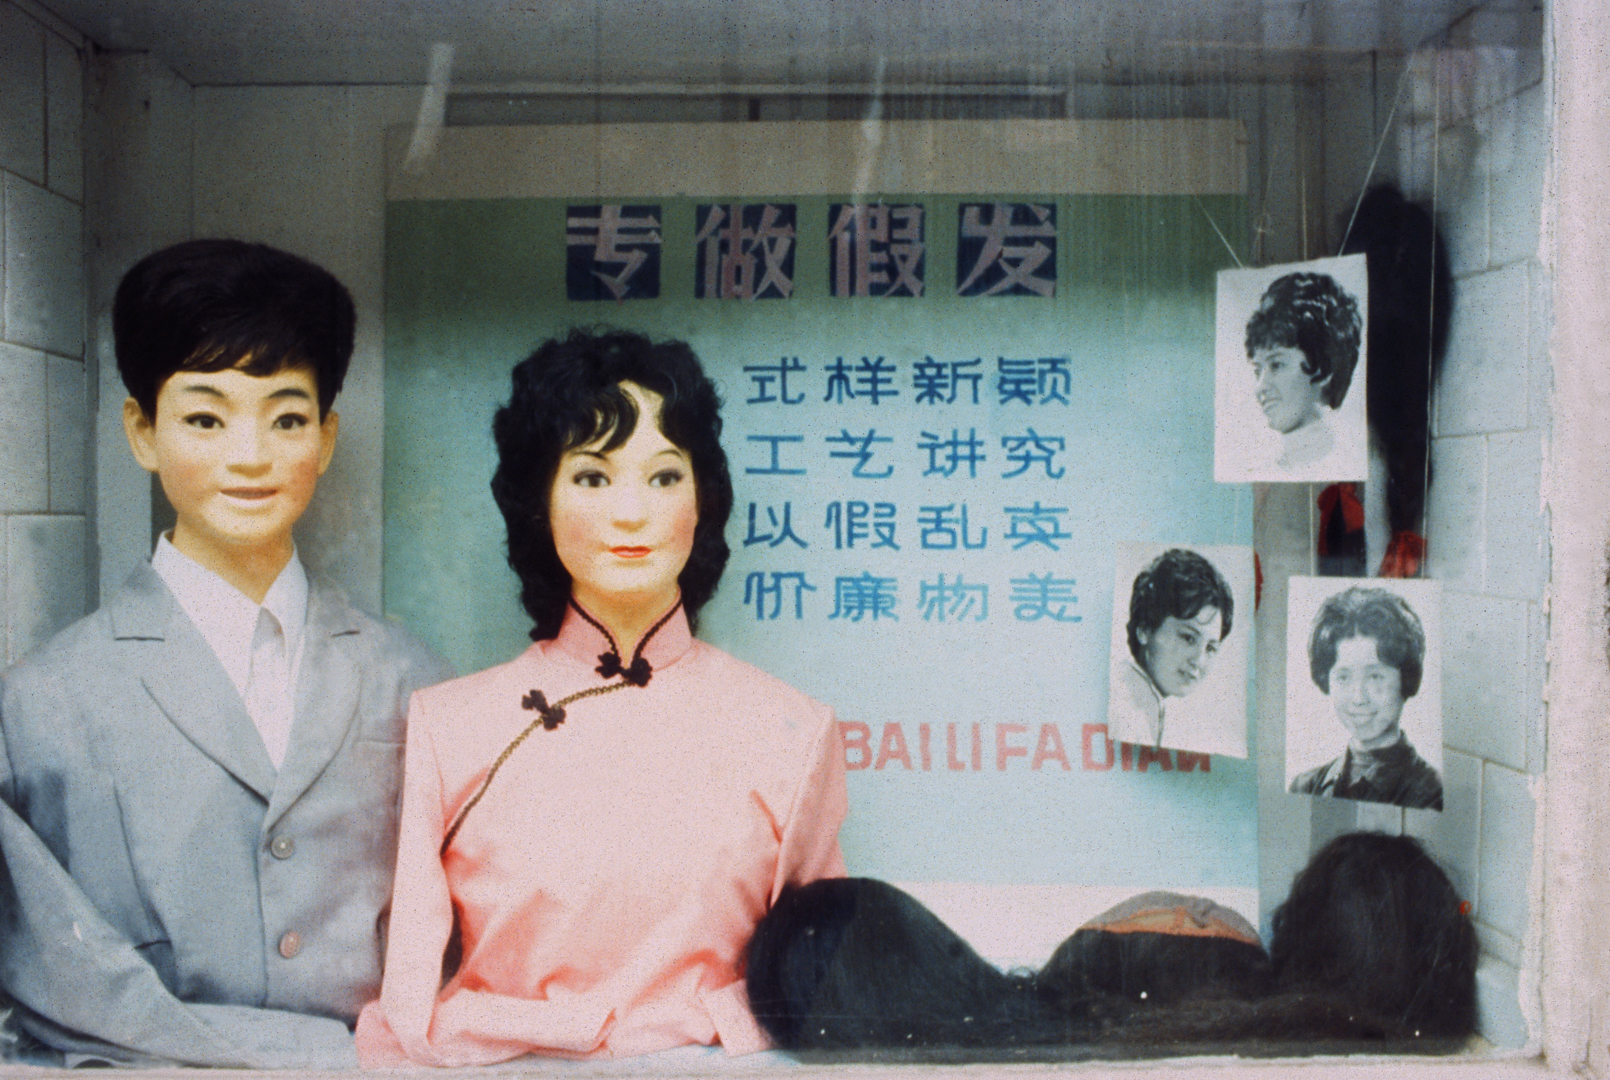 Wig Shop Shanghai 1982 (22 x 14.75)